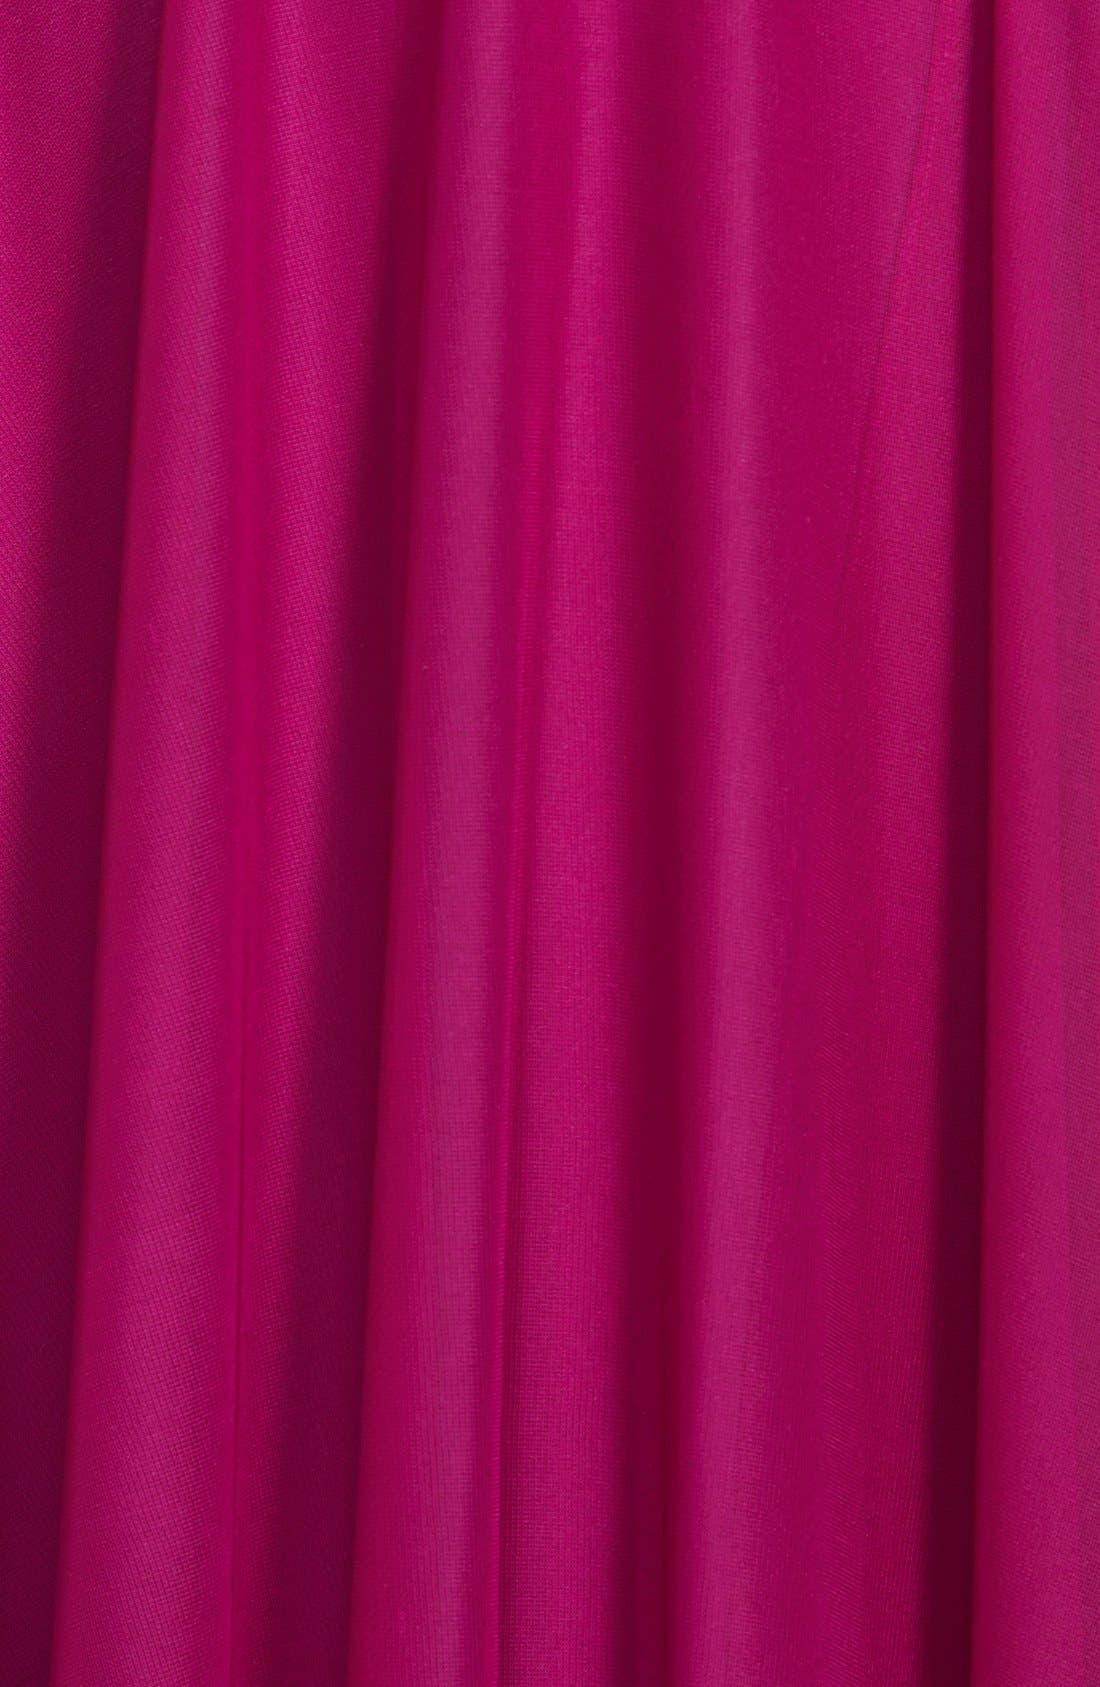 Alternate Image 3  - Xscape Embellished One Shoulder Mesh Gown